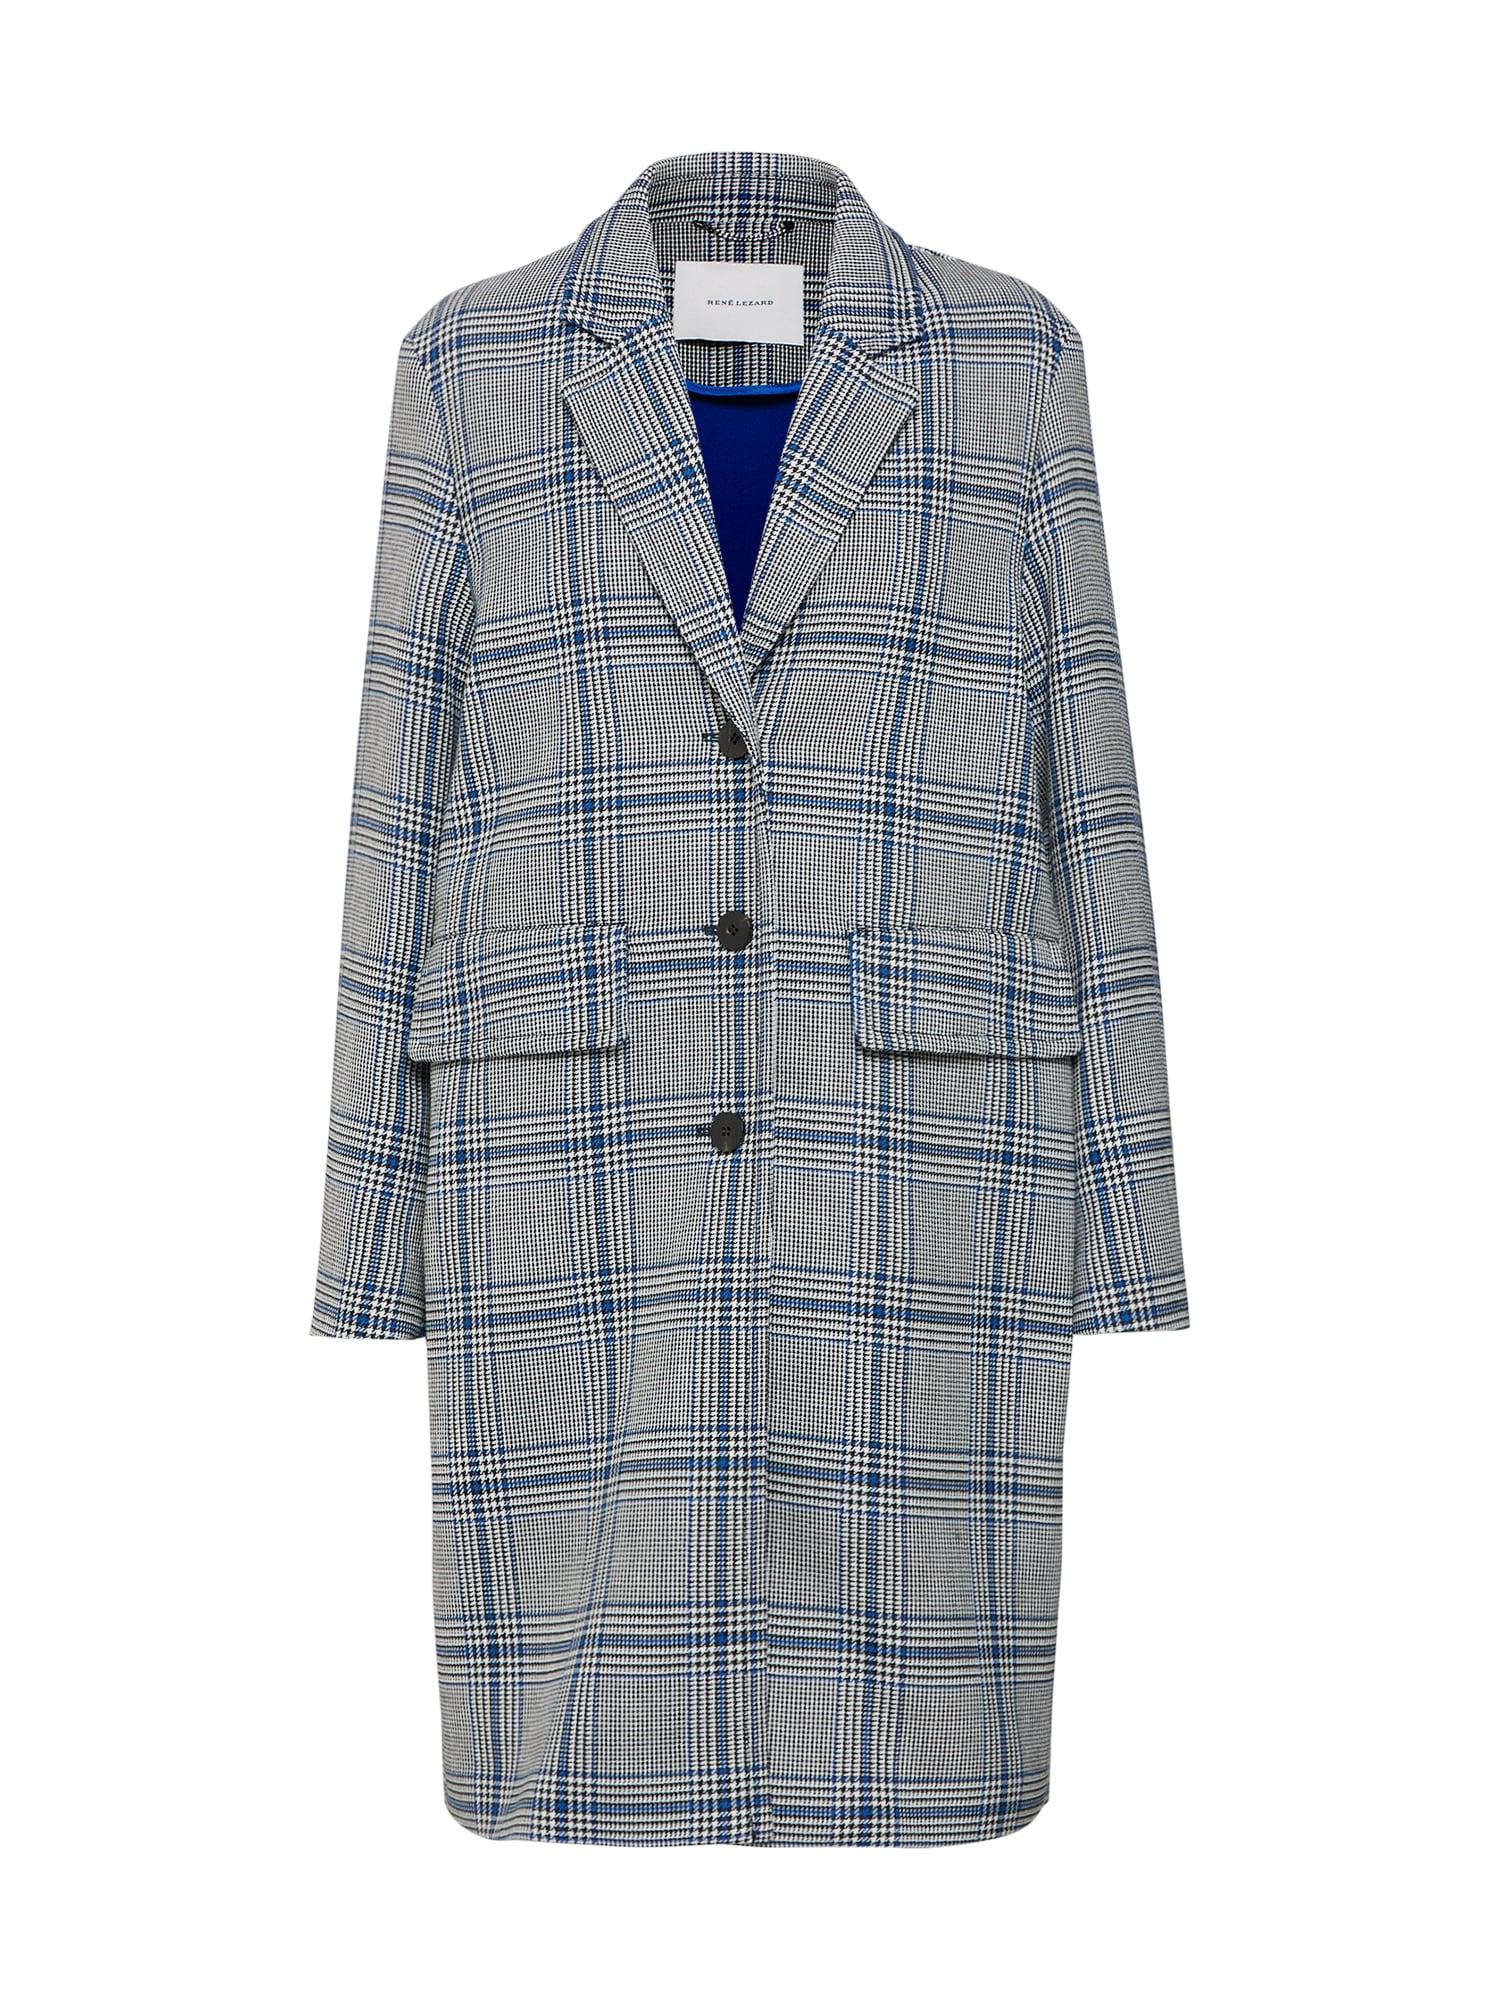 Přechodný kabát tmavě modrá šedá RENÉ LEZARD